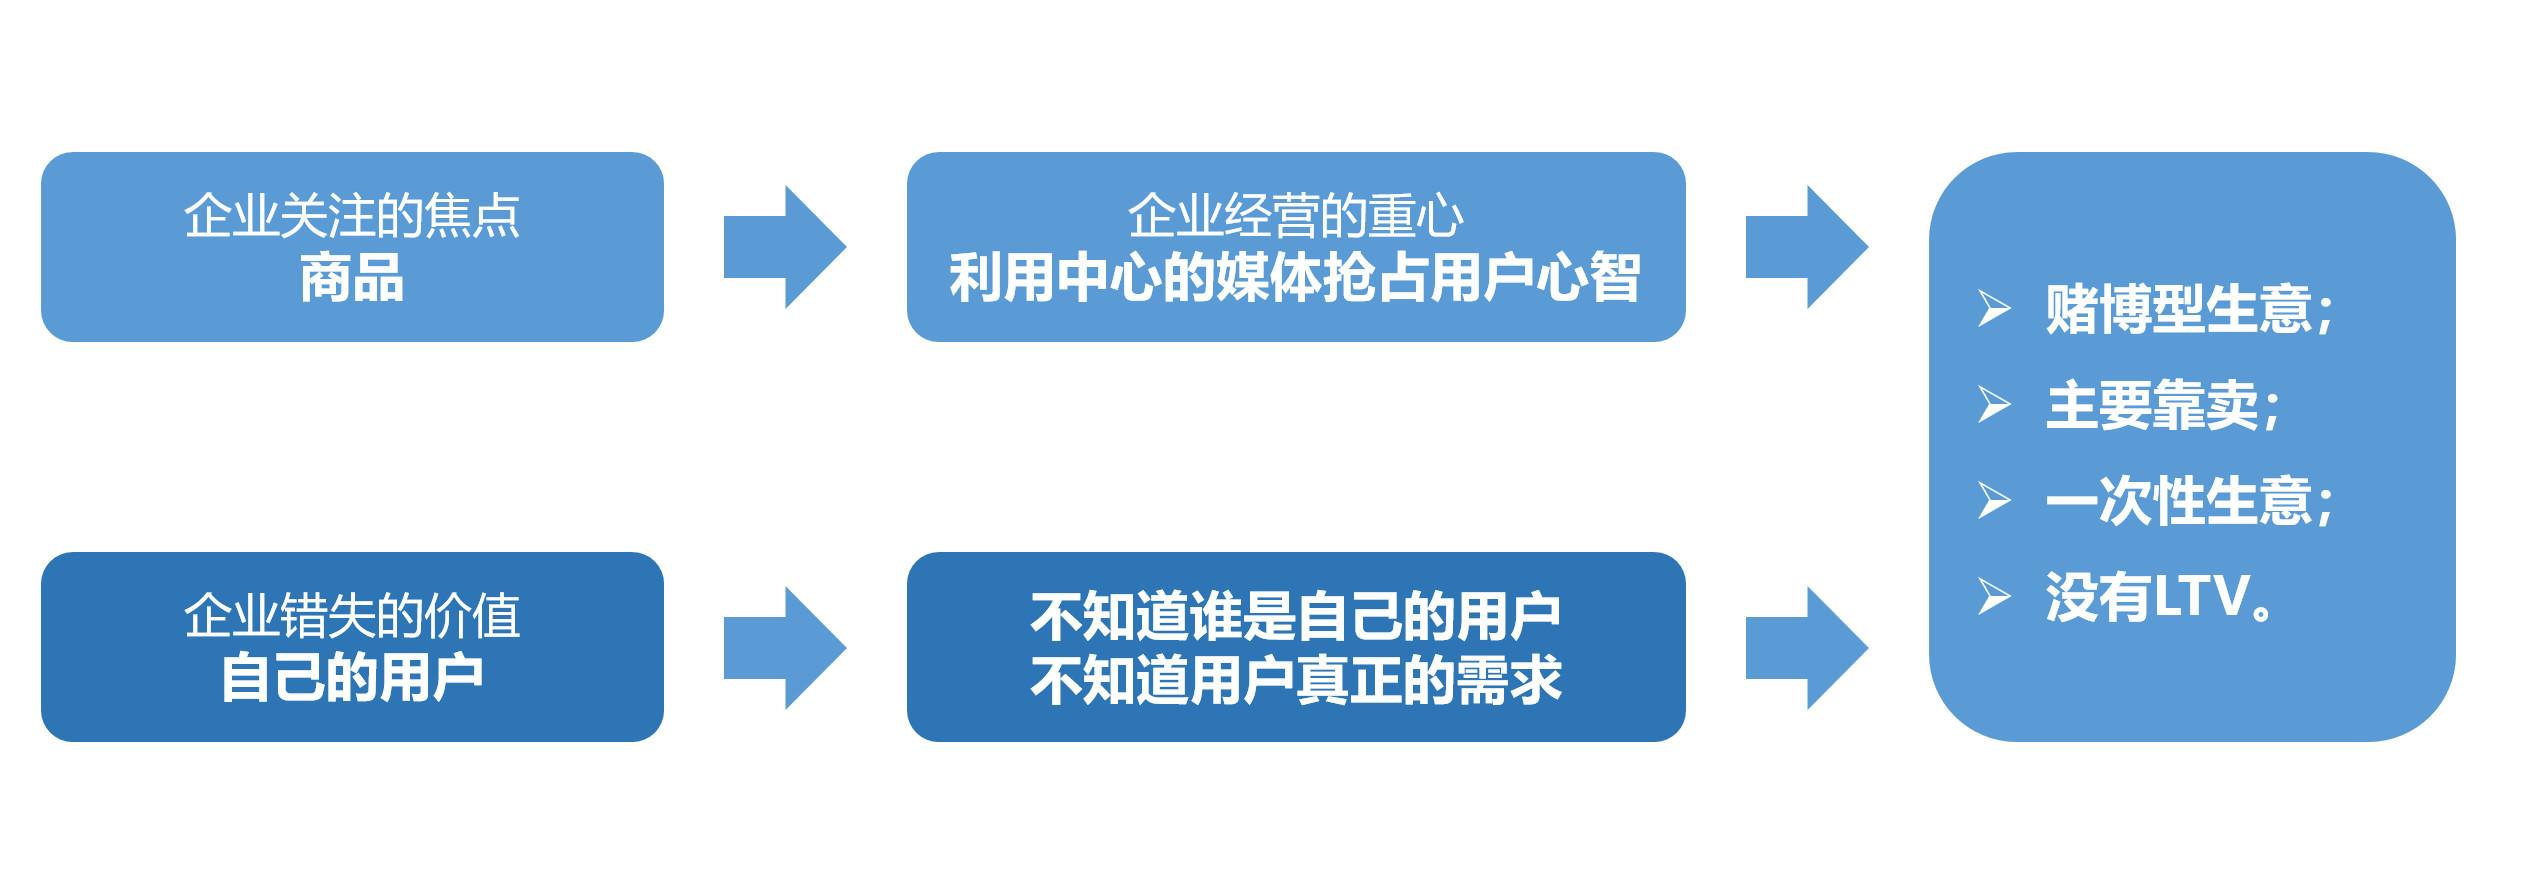 图03:工业经济下的得与失 来源:李有龙《保险业生态战略系列培训课程》